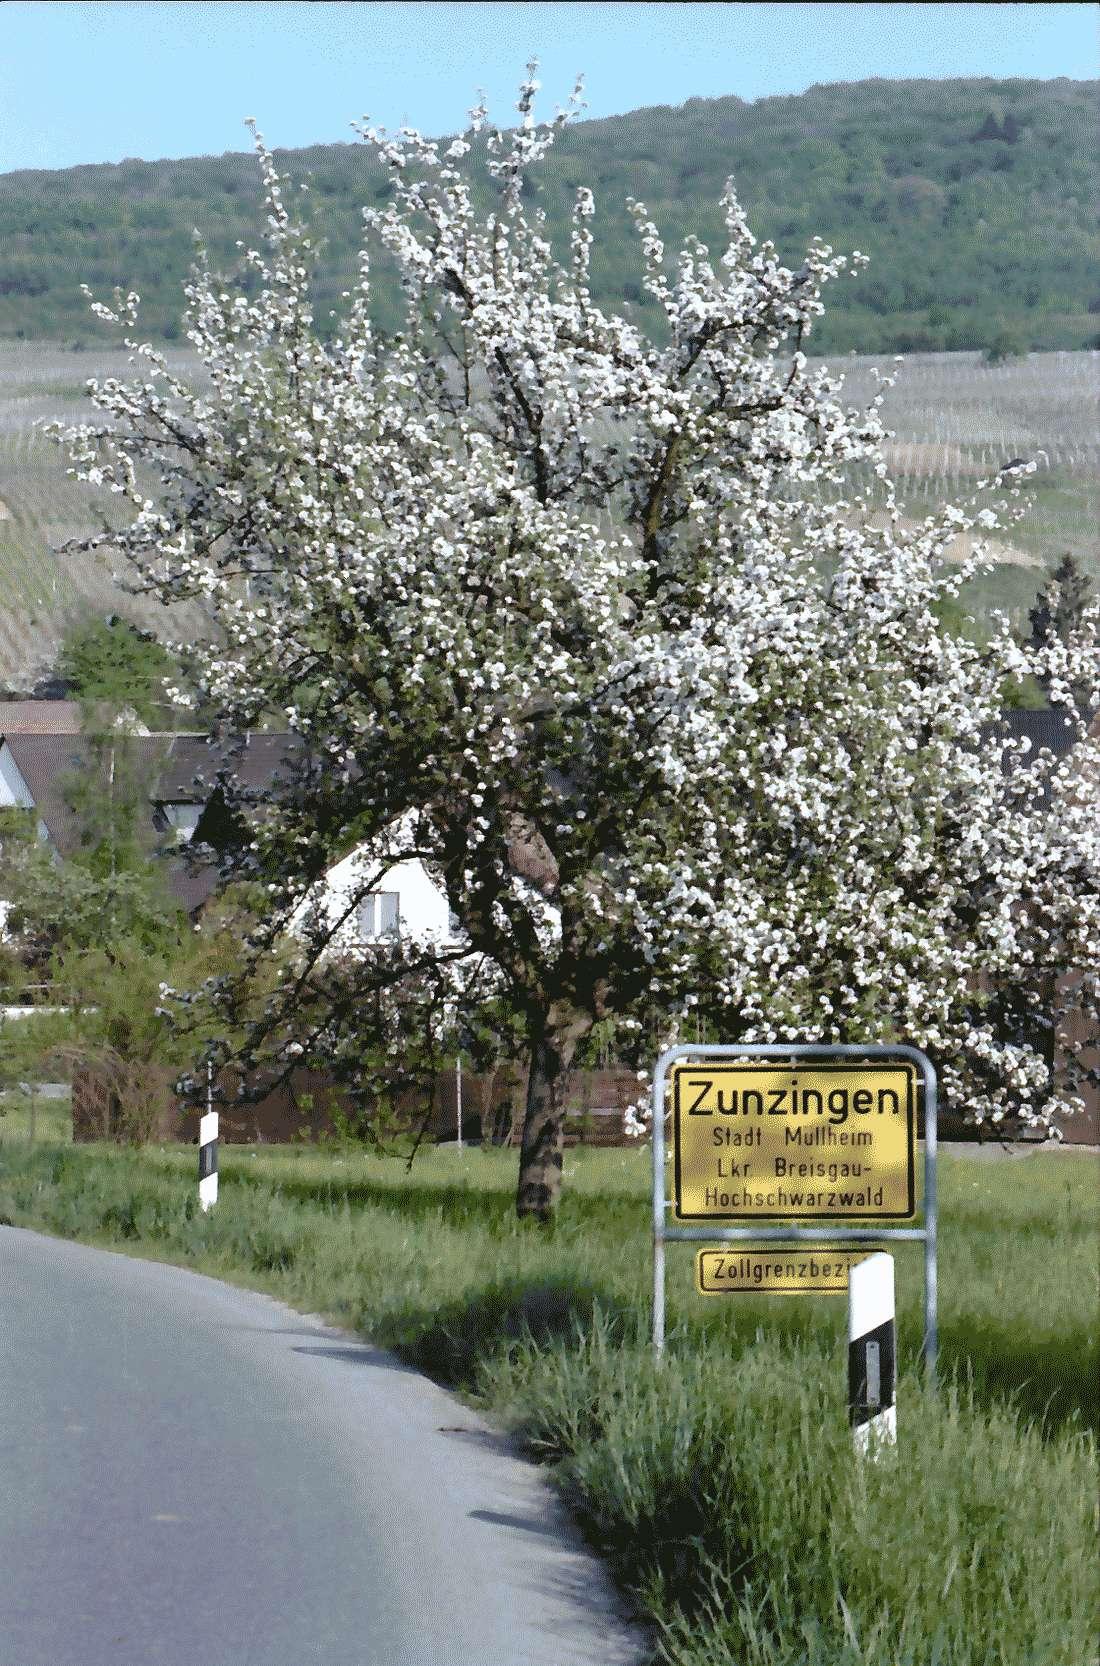 Zunzingen: Straße mit Ortsschild, Bild 1